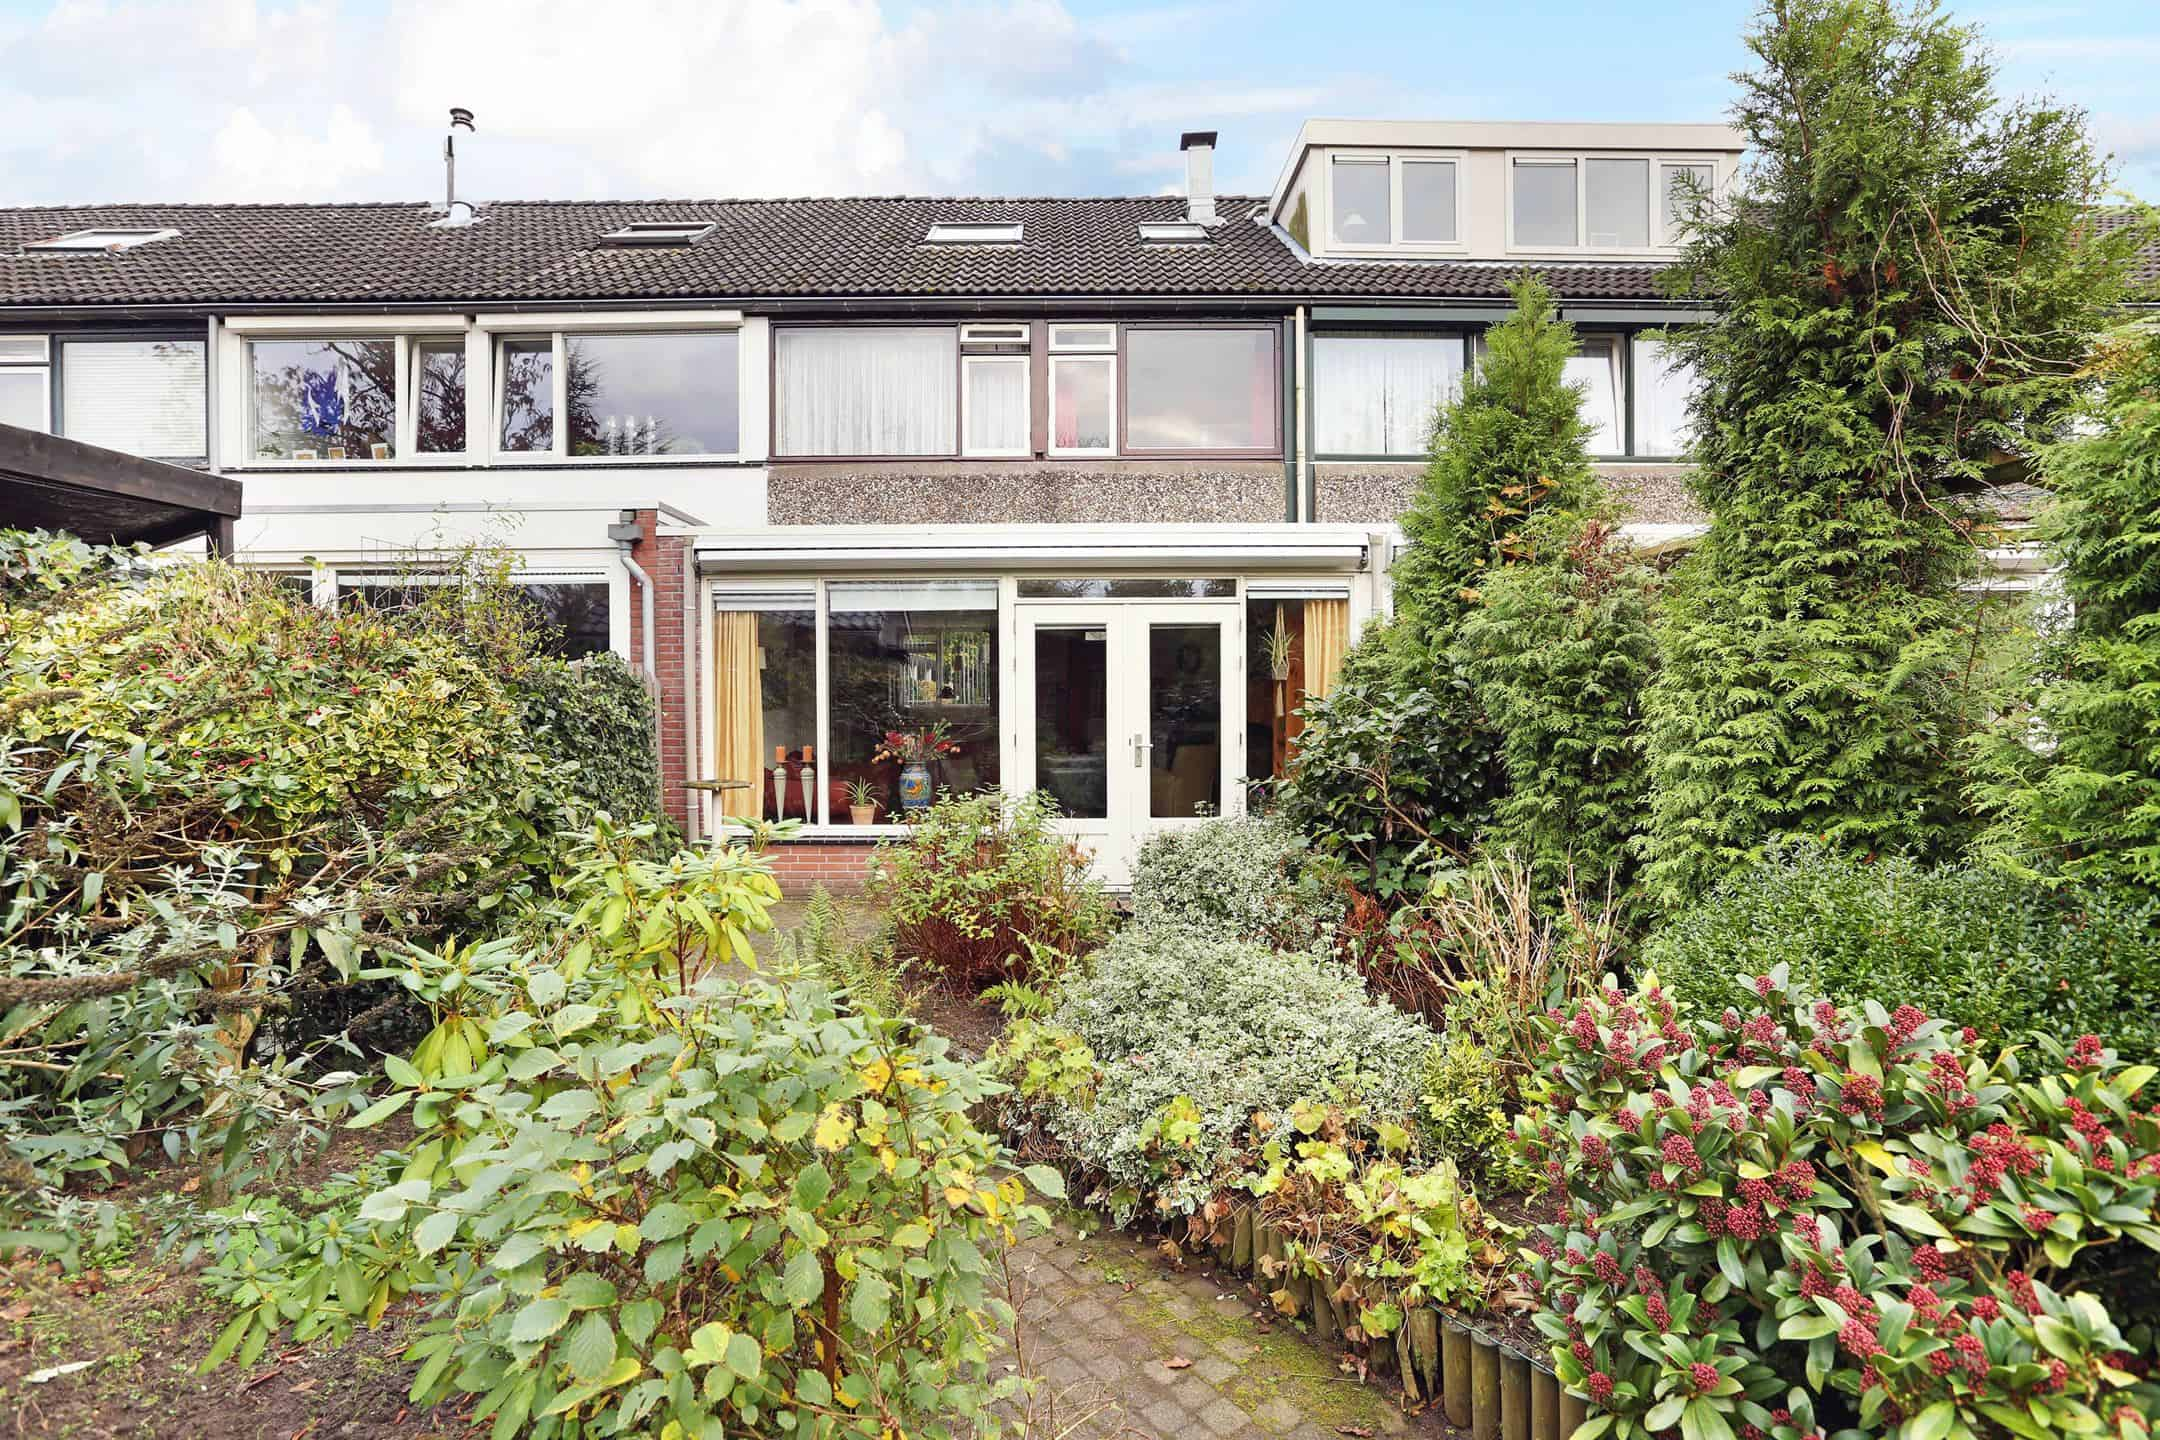 898 2160 - Verhuurde woningen in Apeldoorn (tweede fase).